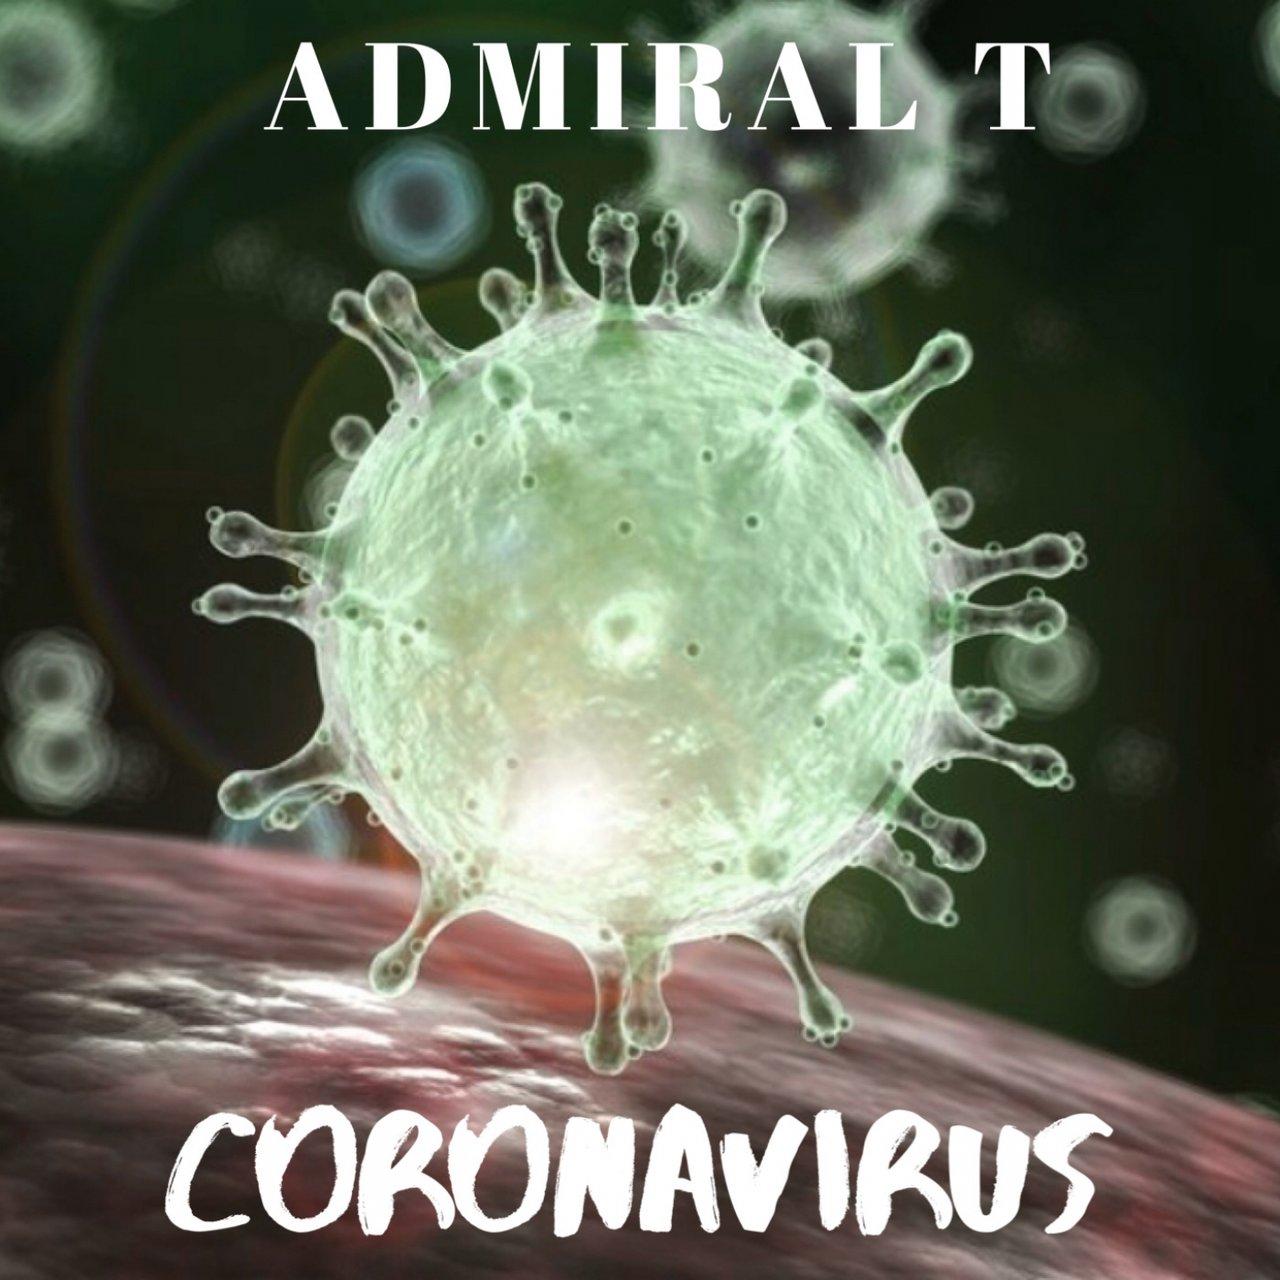 Admiral T - Coronavirus (Cover)